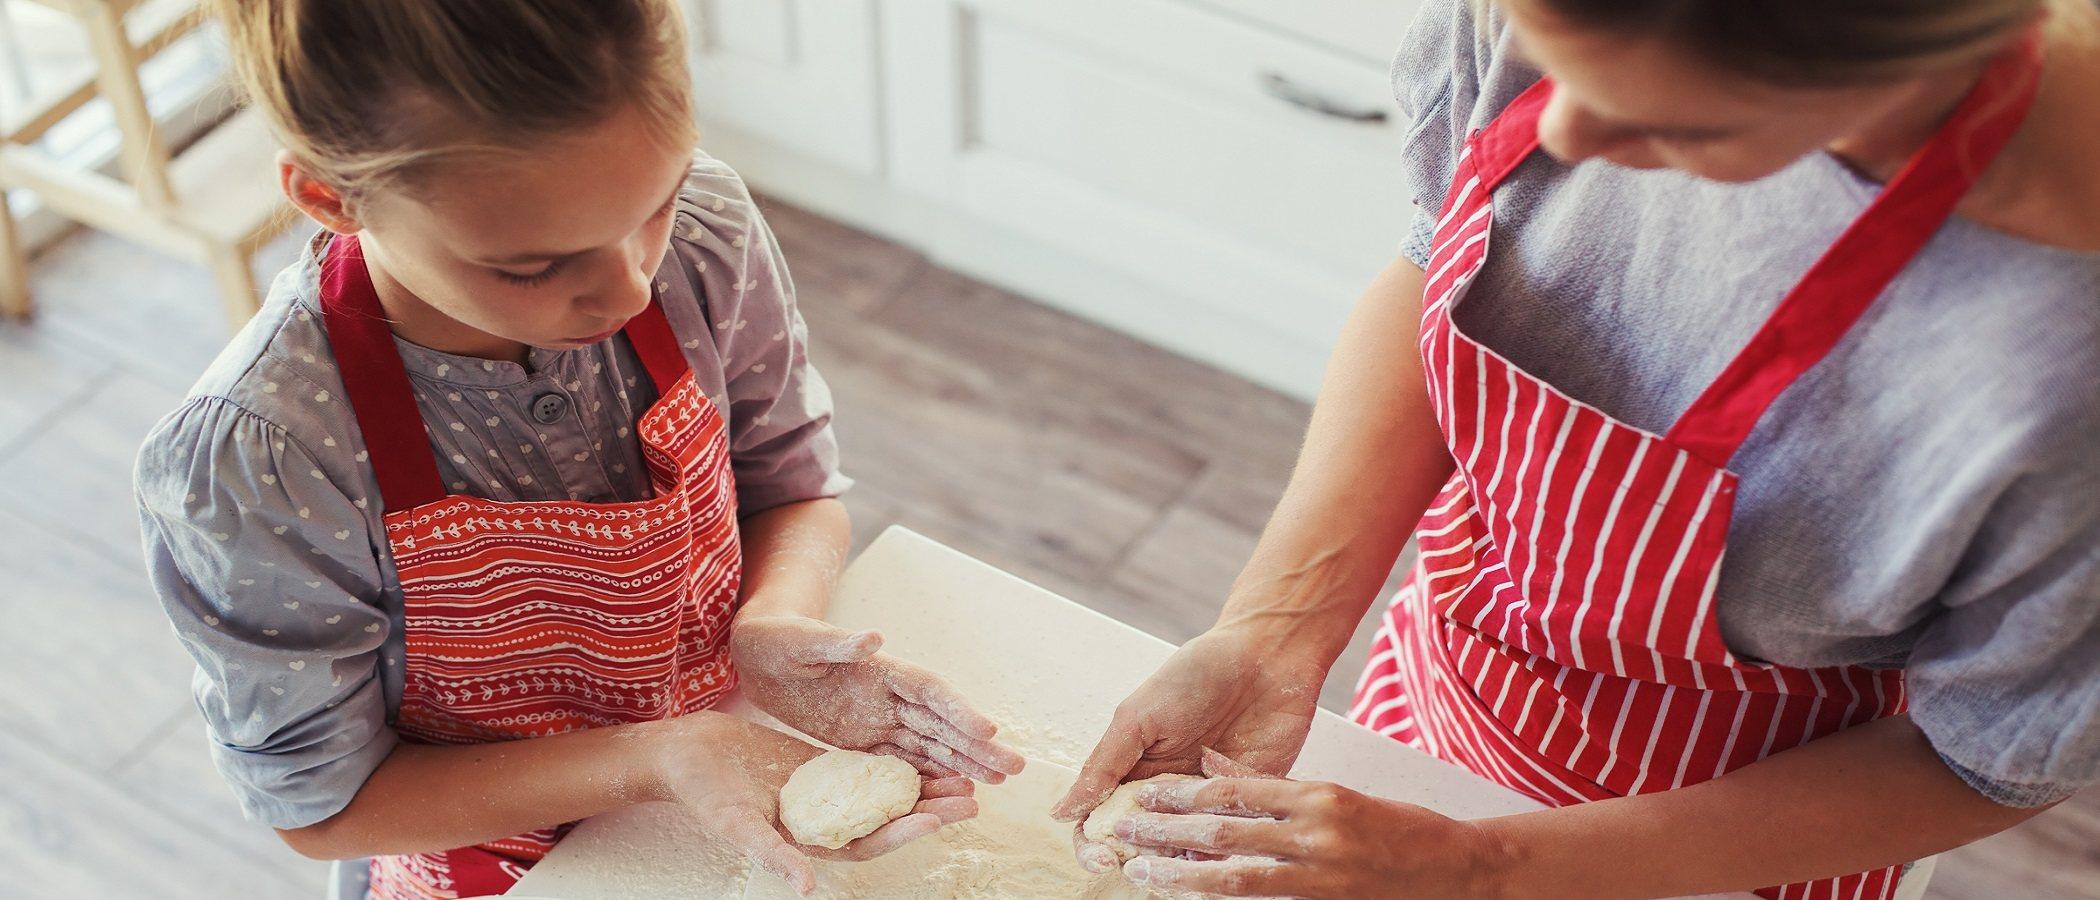 Los niños pequeños también deben realizar tareas domésticas